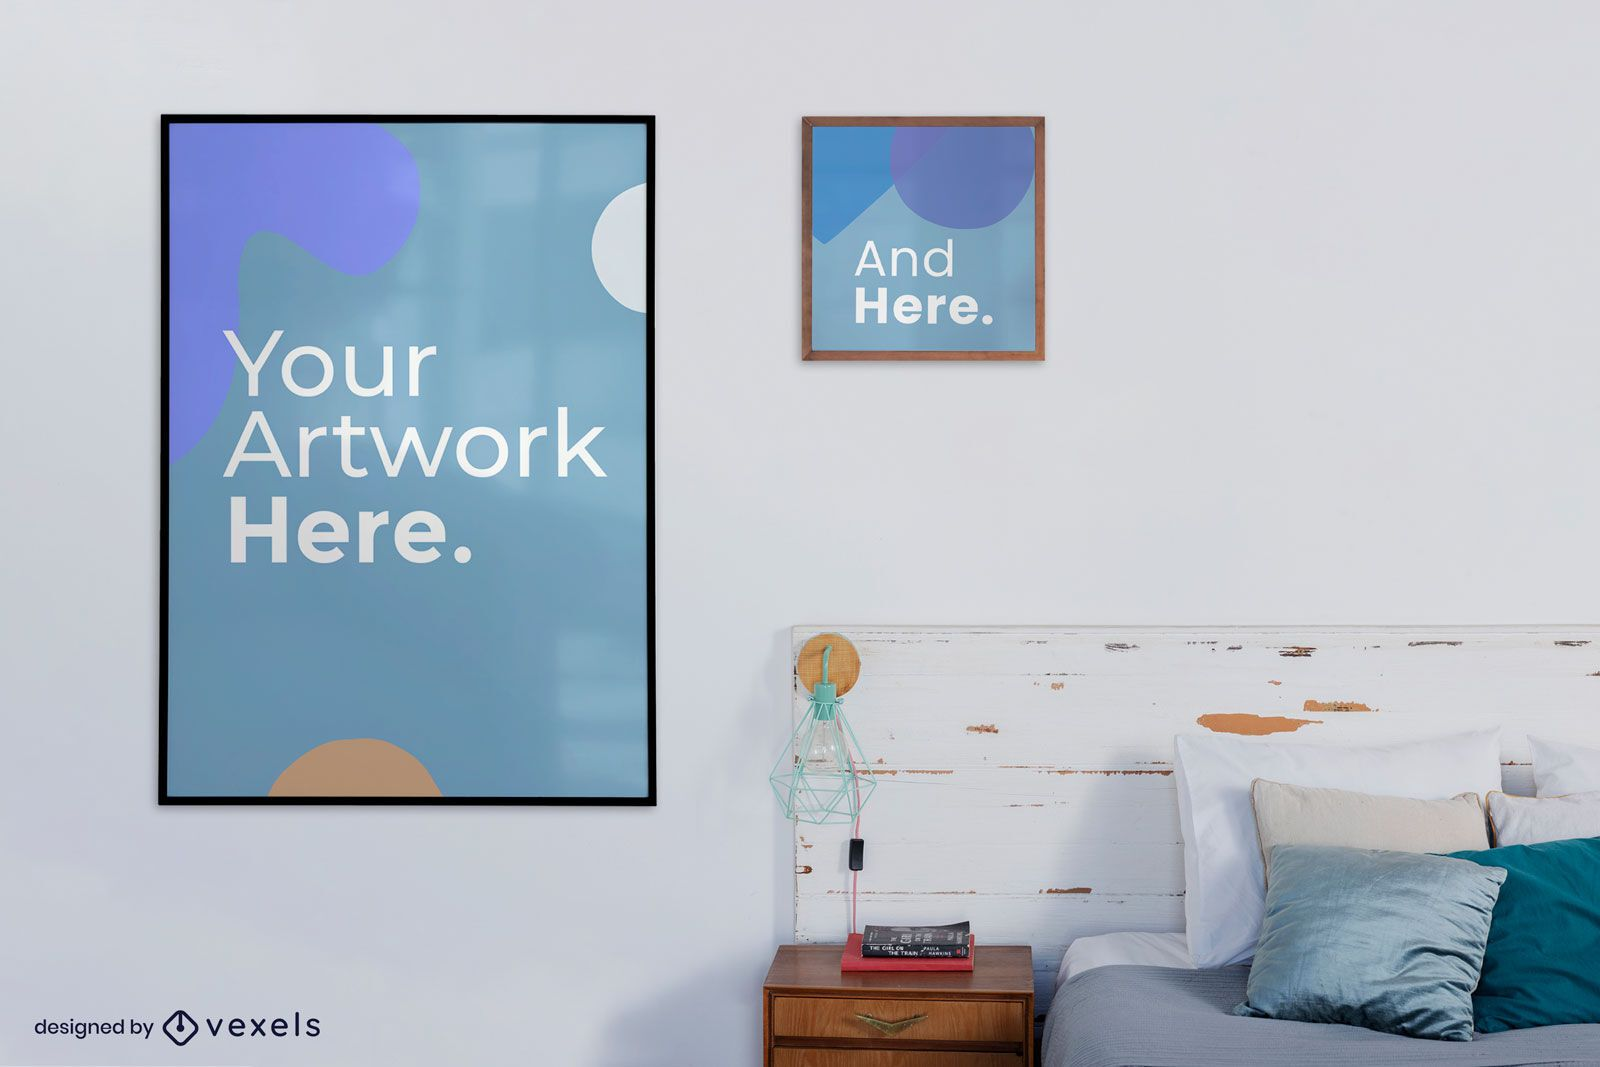 Bed frame hanging artwork mockup design